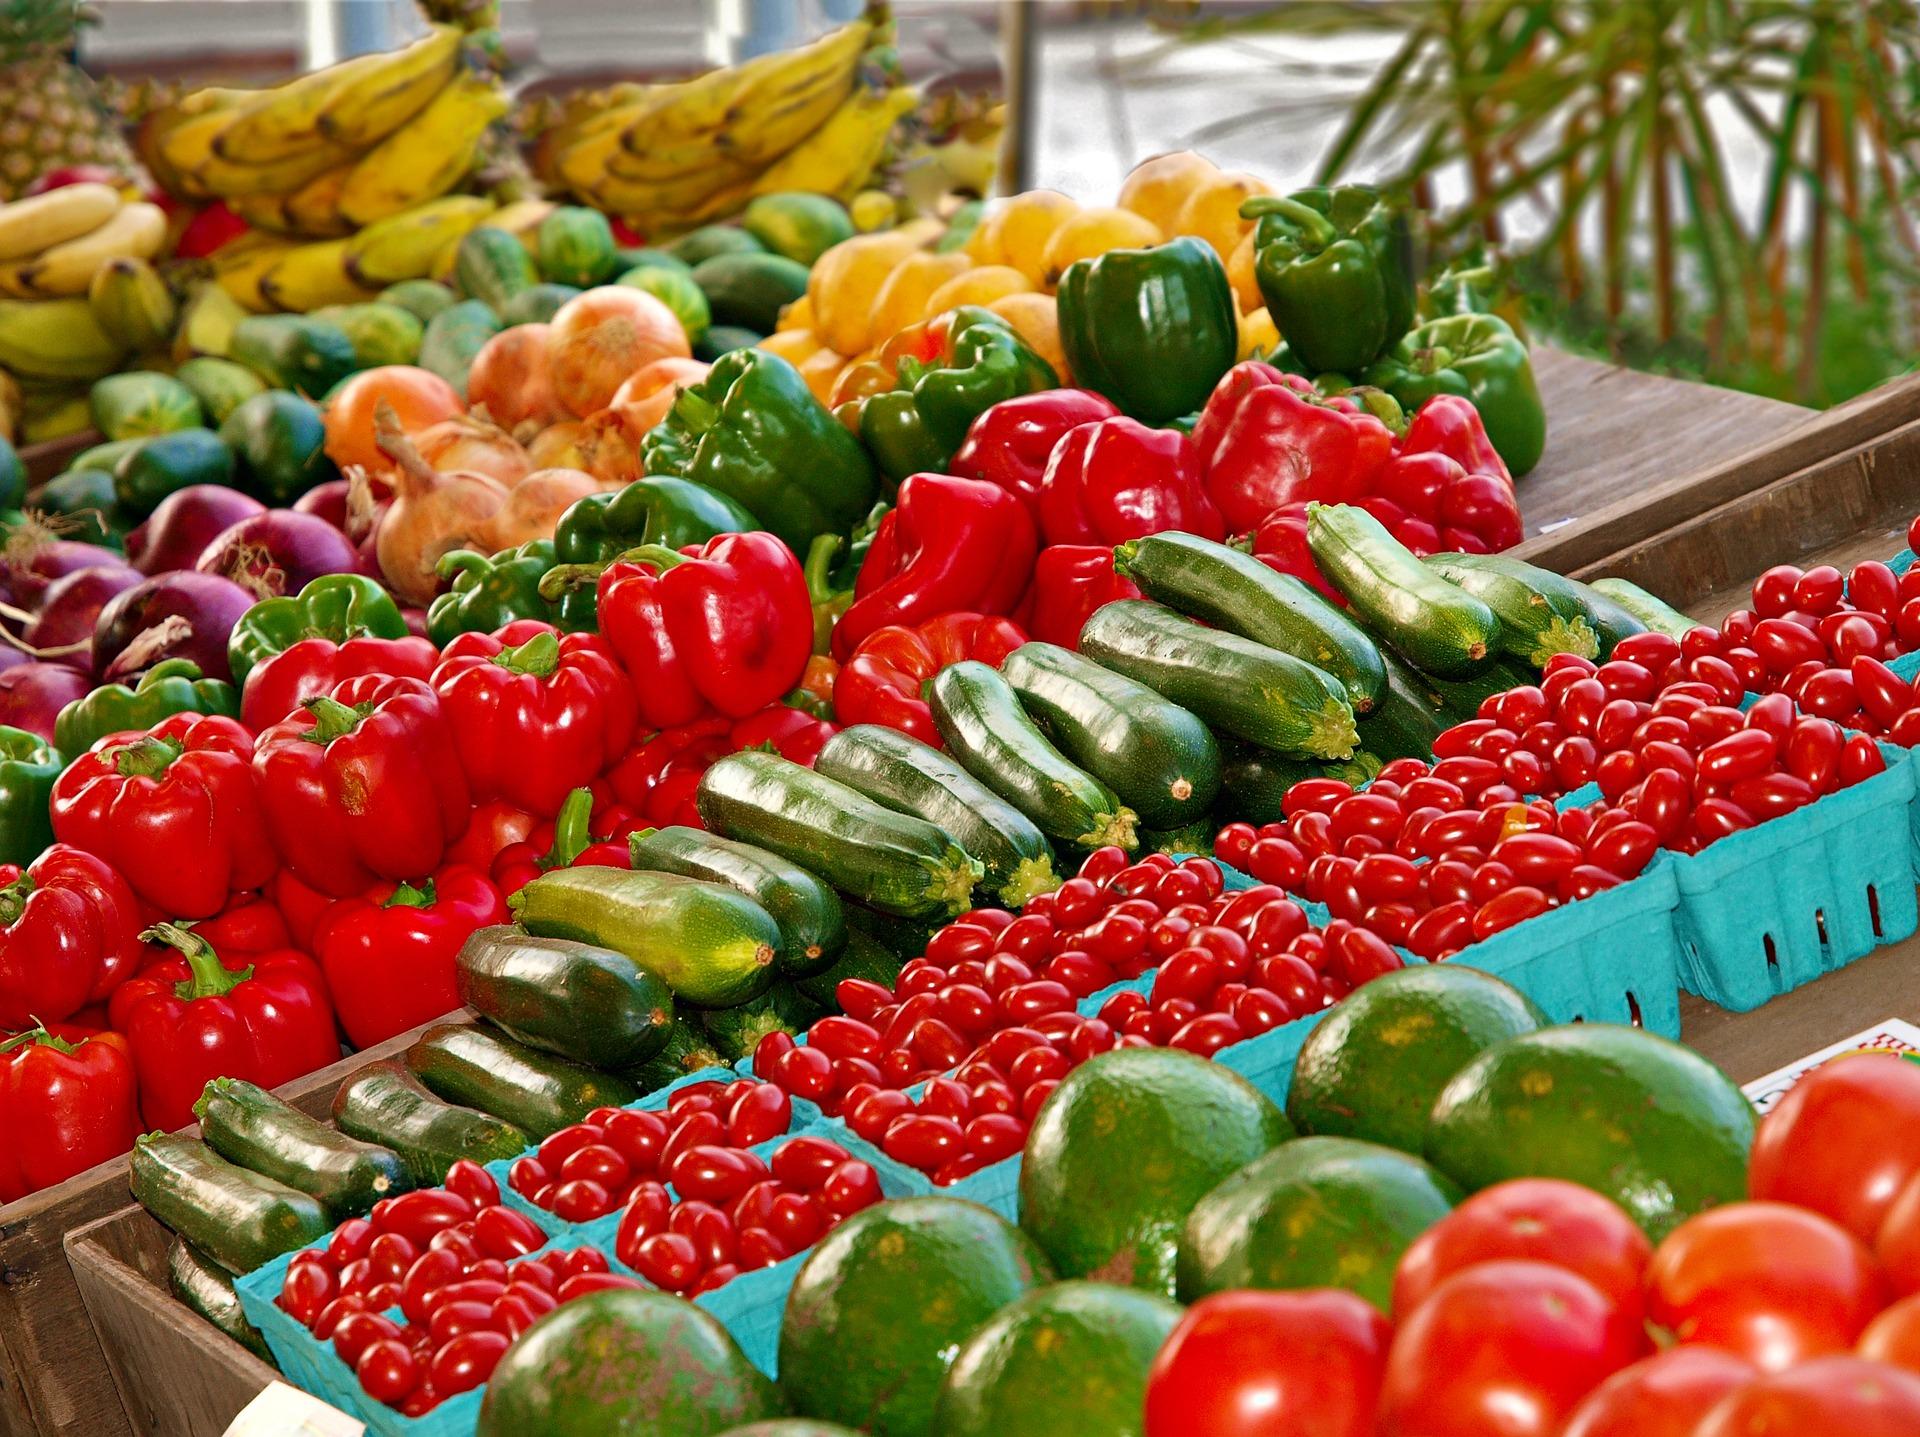 Preise für Grundnahrungsmittel steigen in Ungarn drastisch